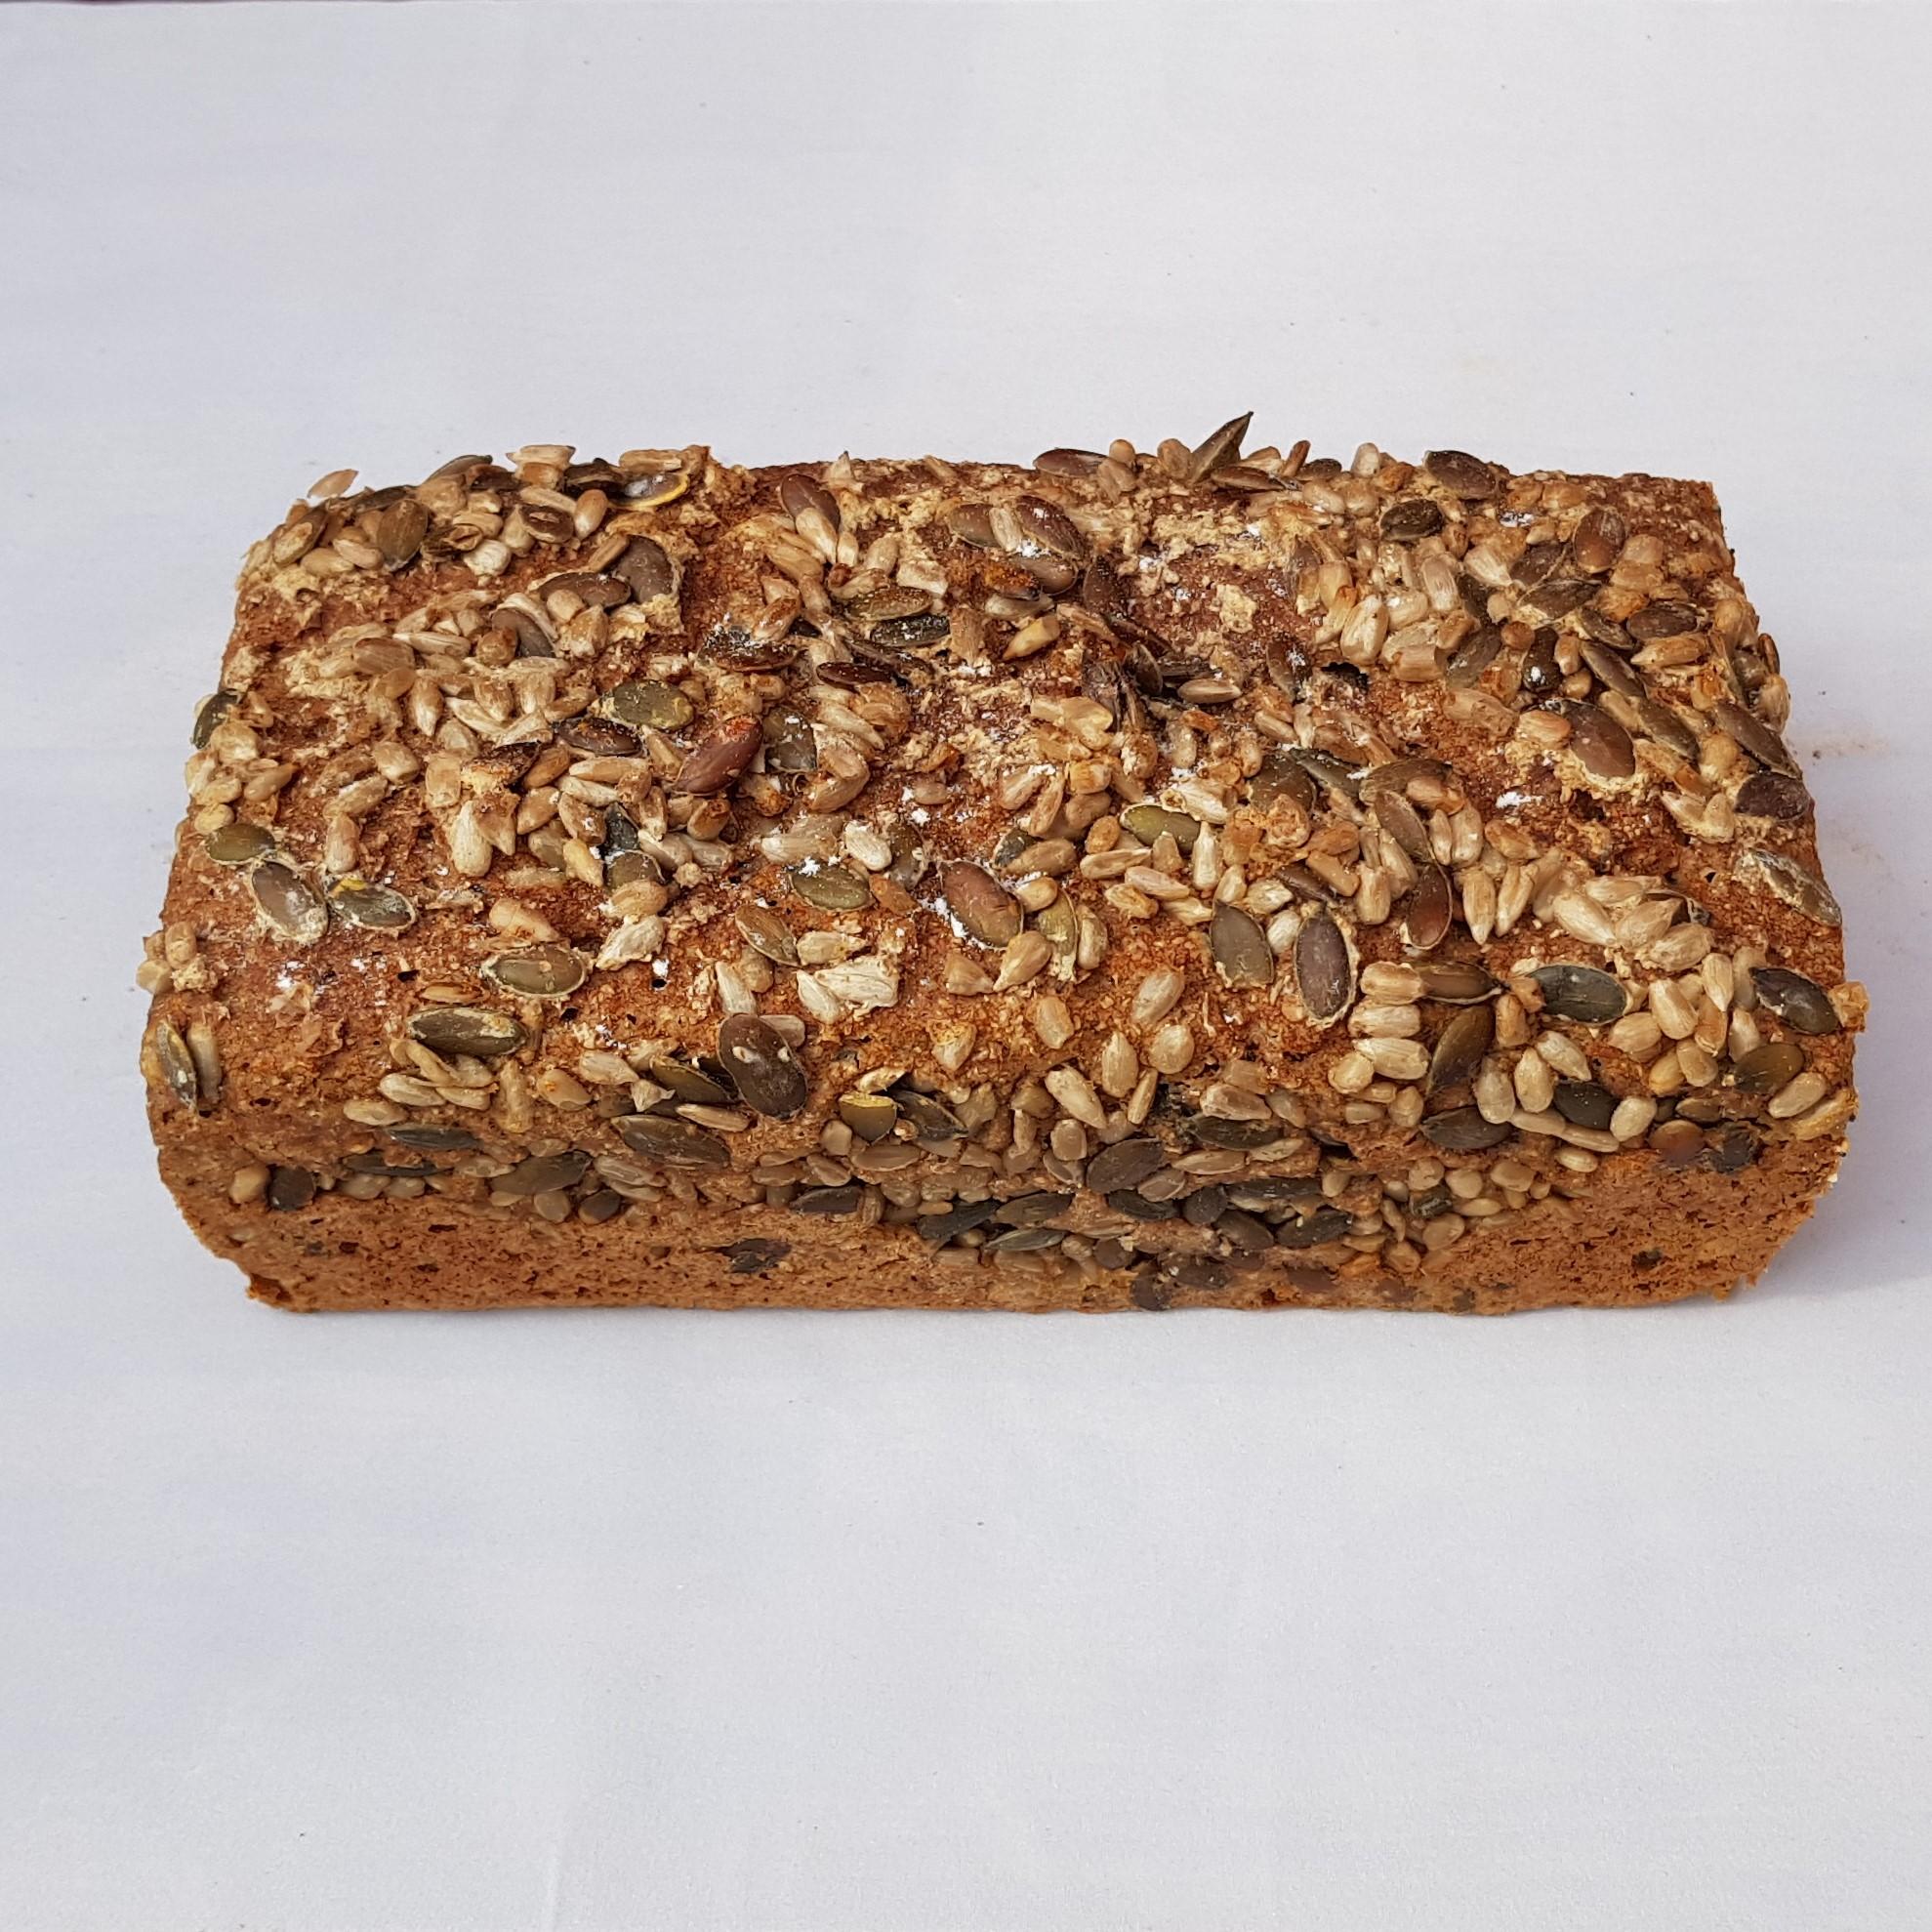 Revolution Sourdough Andy's Bread